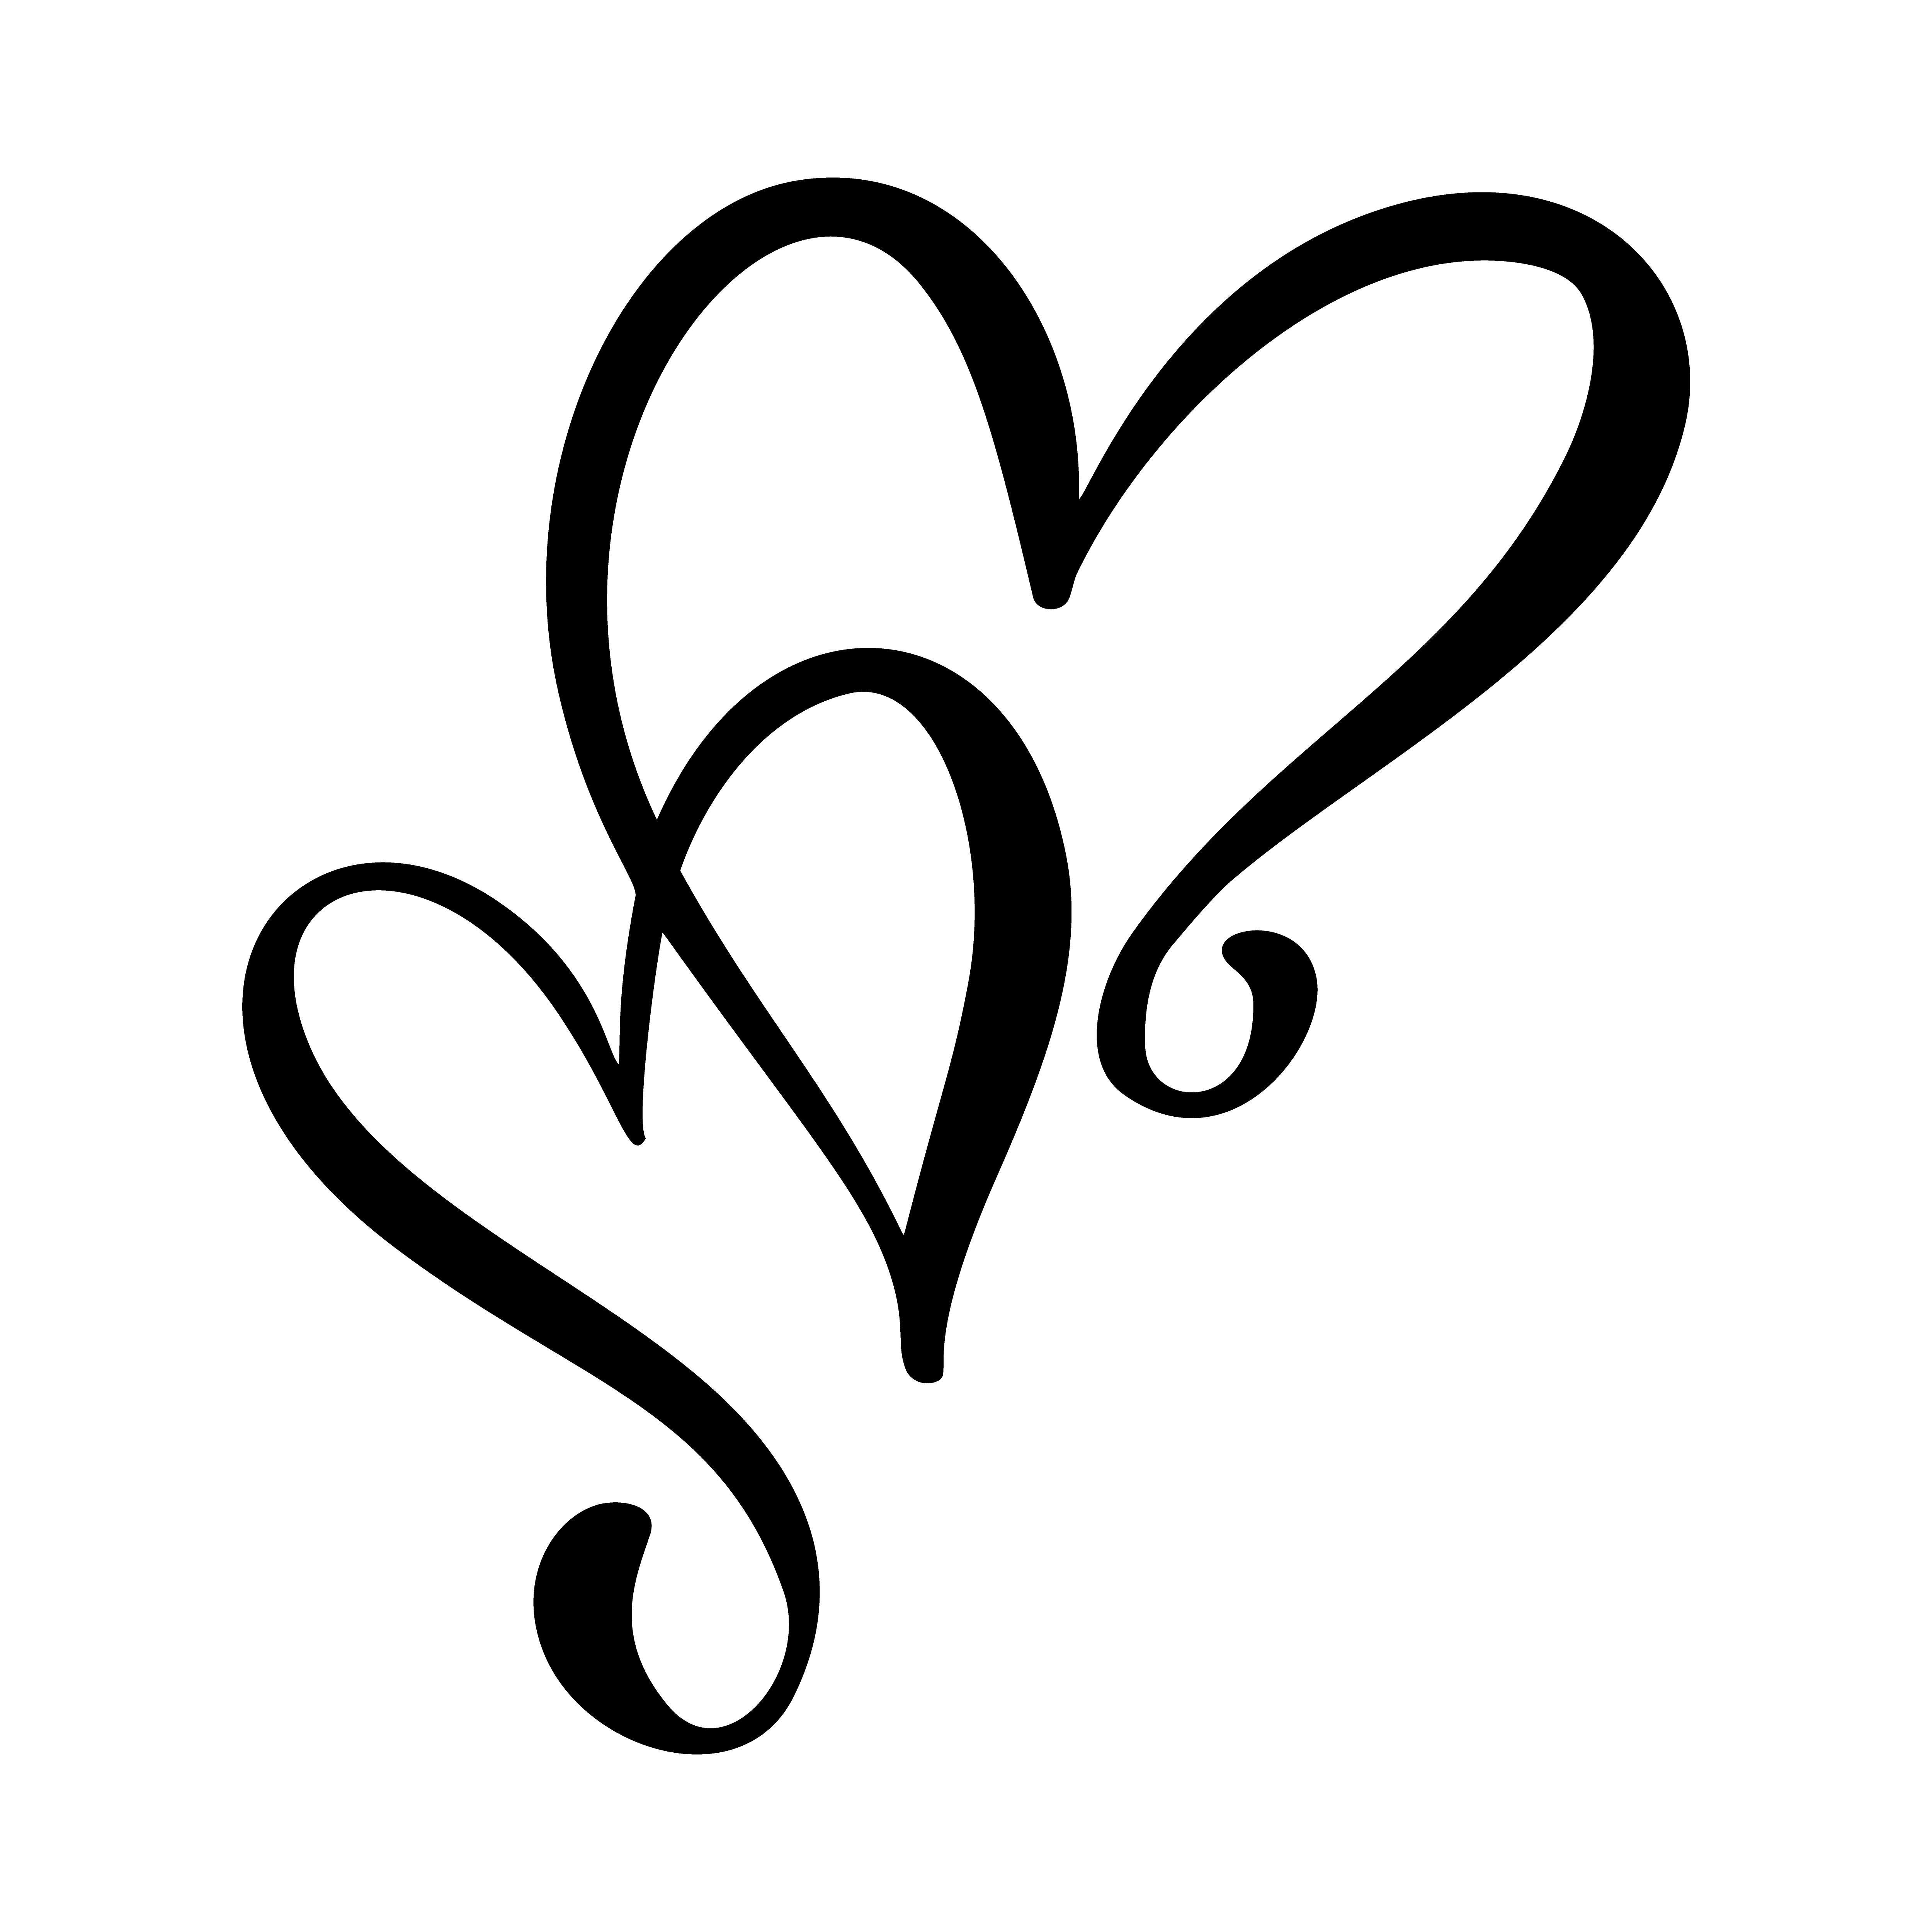 Dessin De Coeurs D 39 Amour Calligraphiques 375946 Telecharger Vectoriel Gratuit Clipart Graphique Vecteur Dessins Et Pictogramme Gratuit